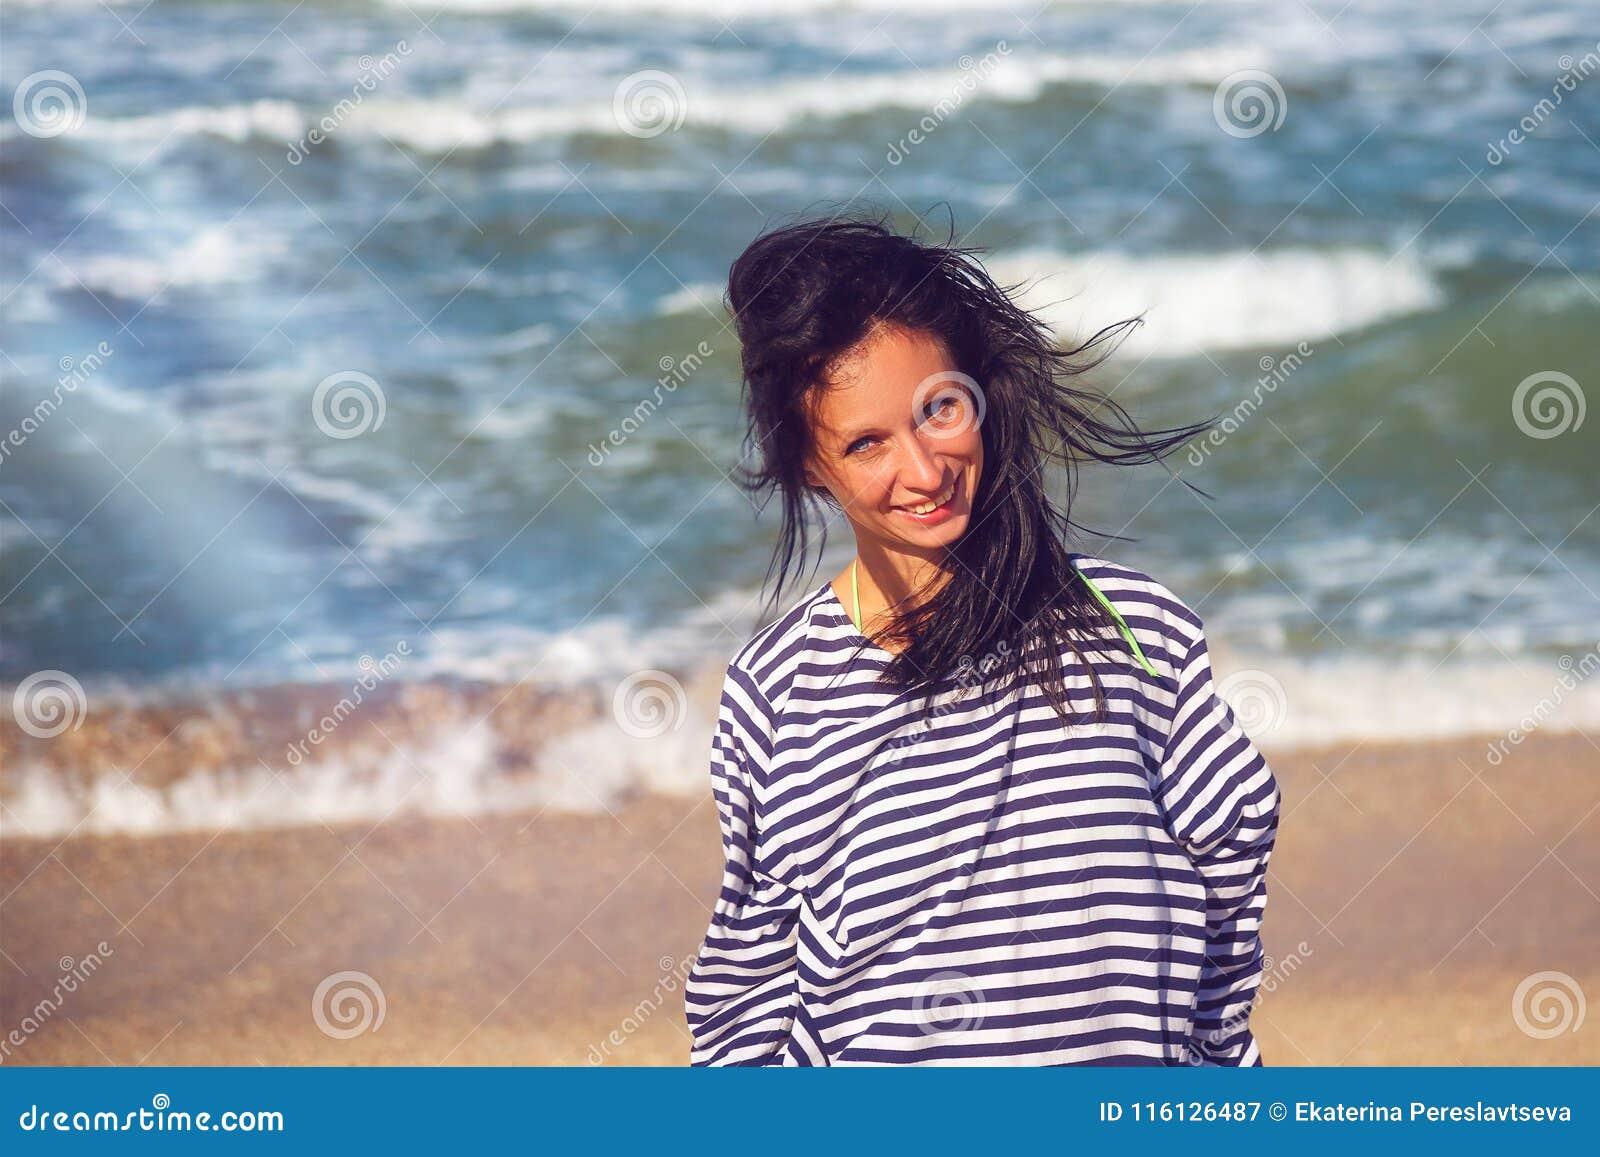 Donna allegra sulla spiaggia, bello ritratto